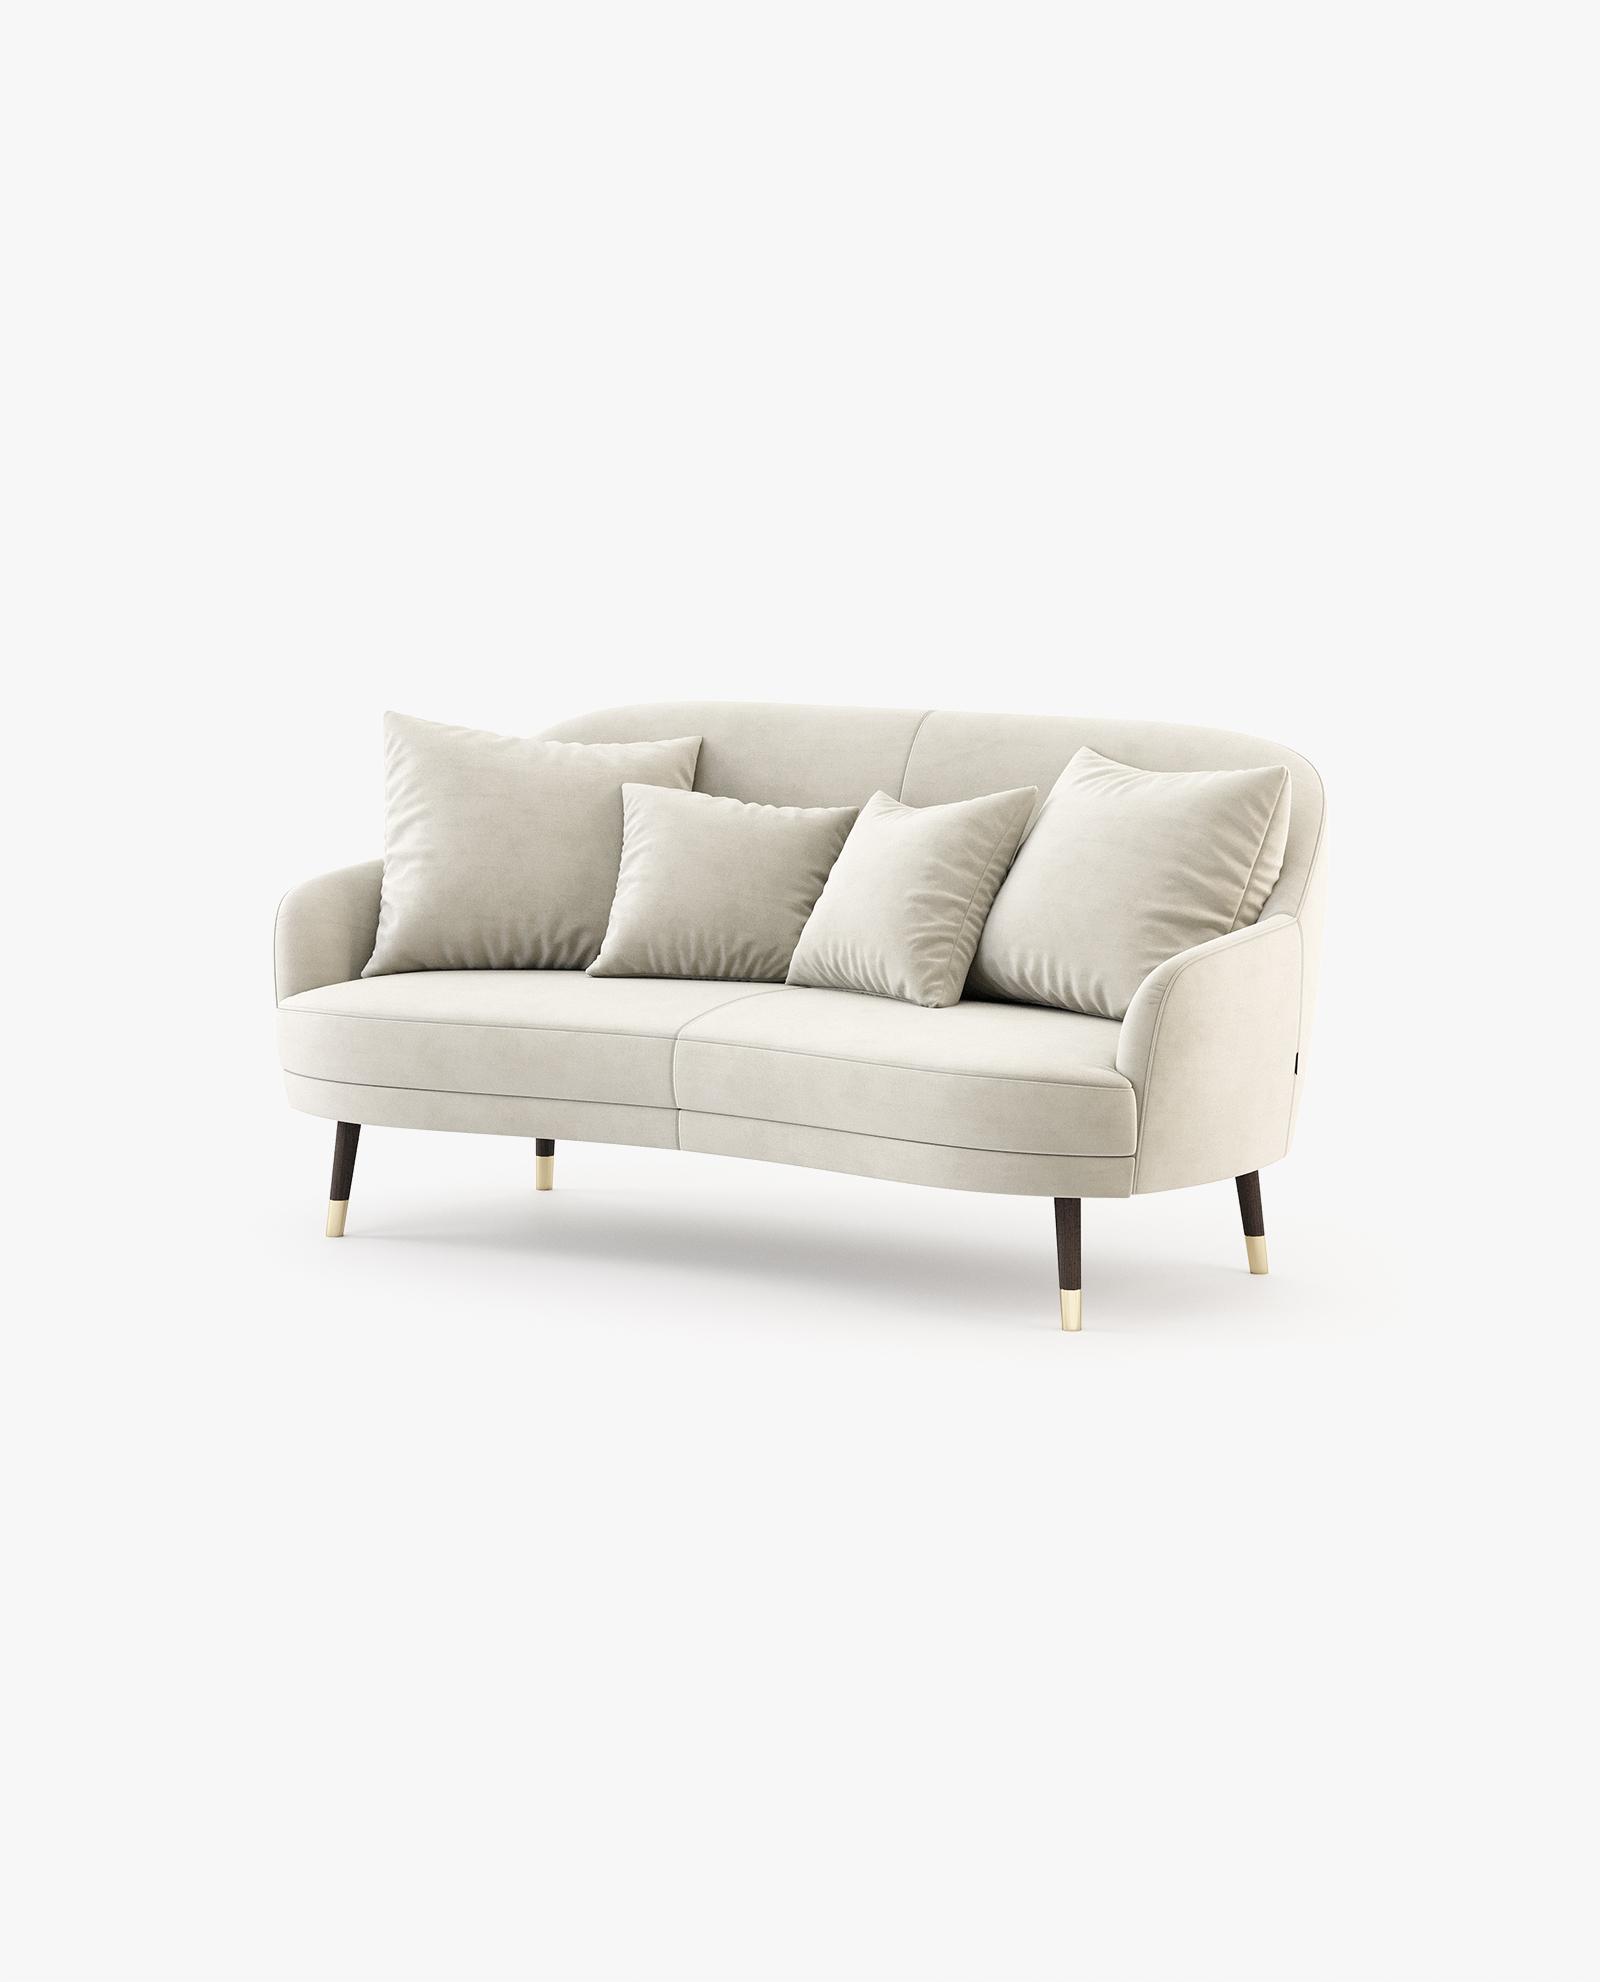 sofá 2 lugares em veludo